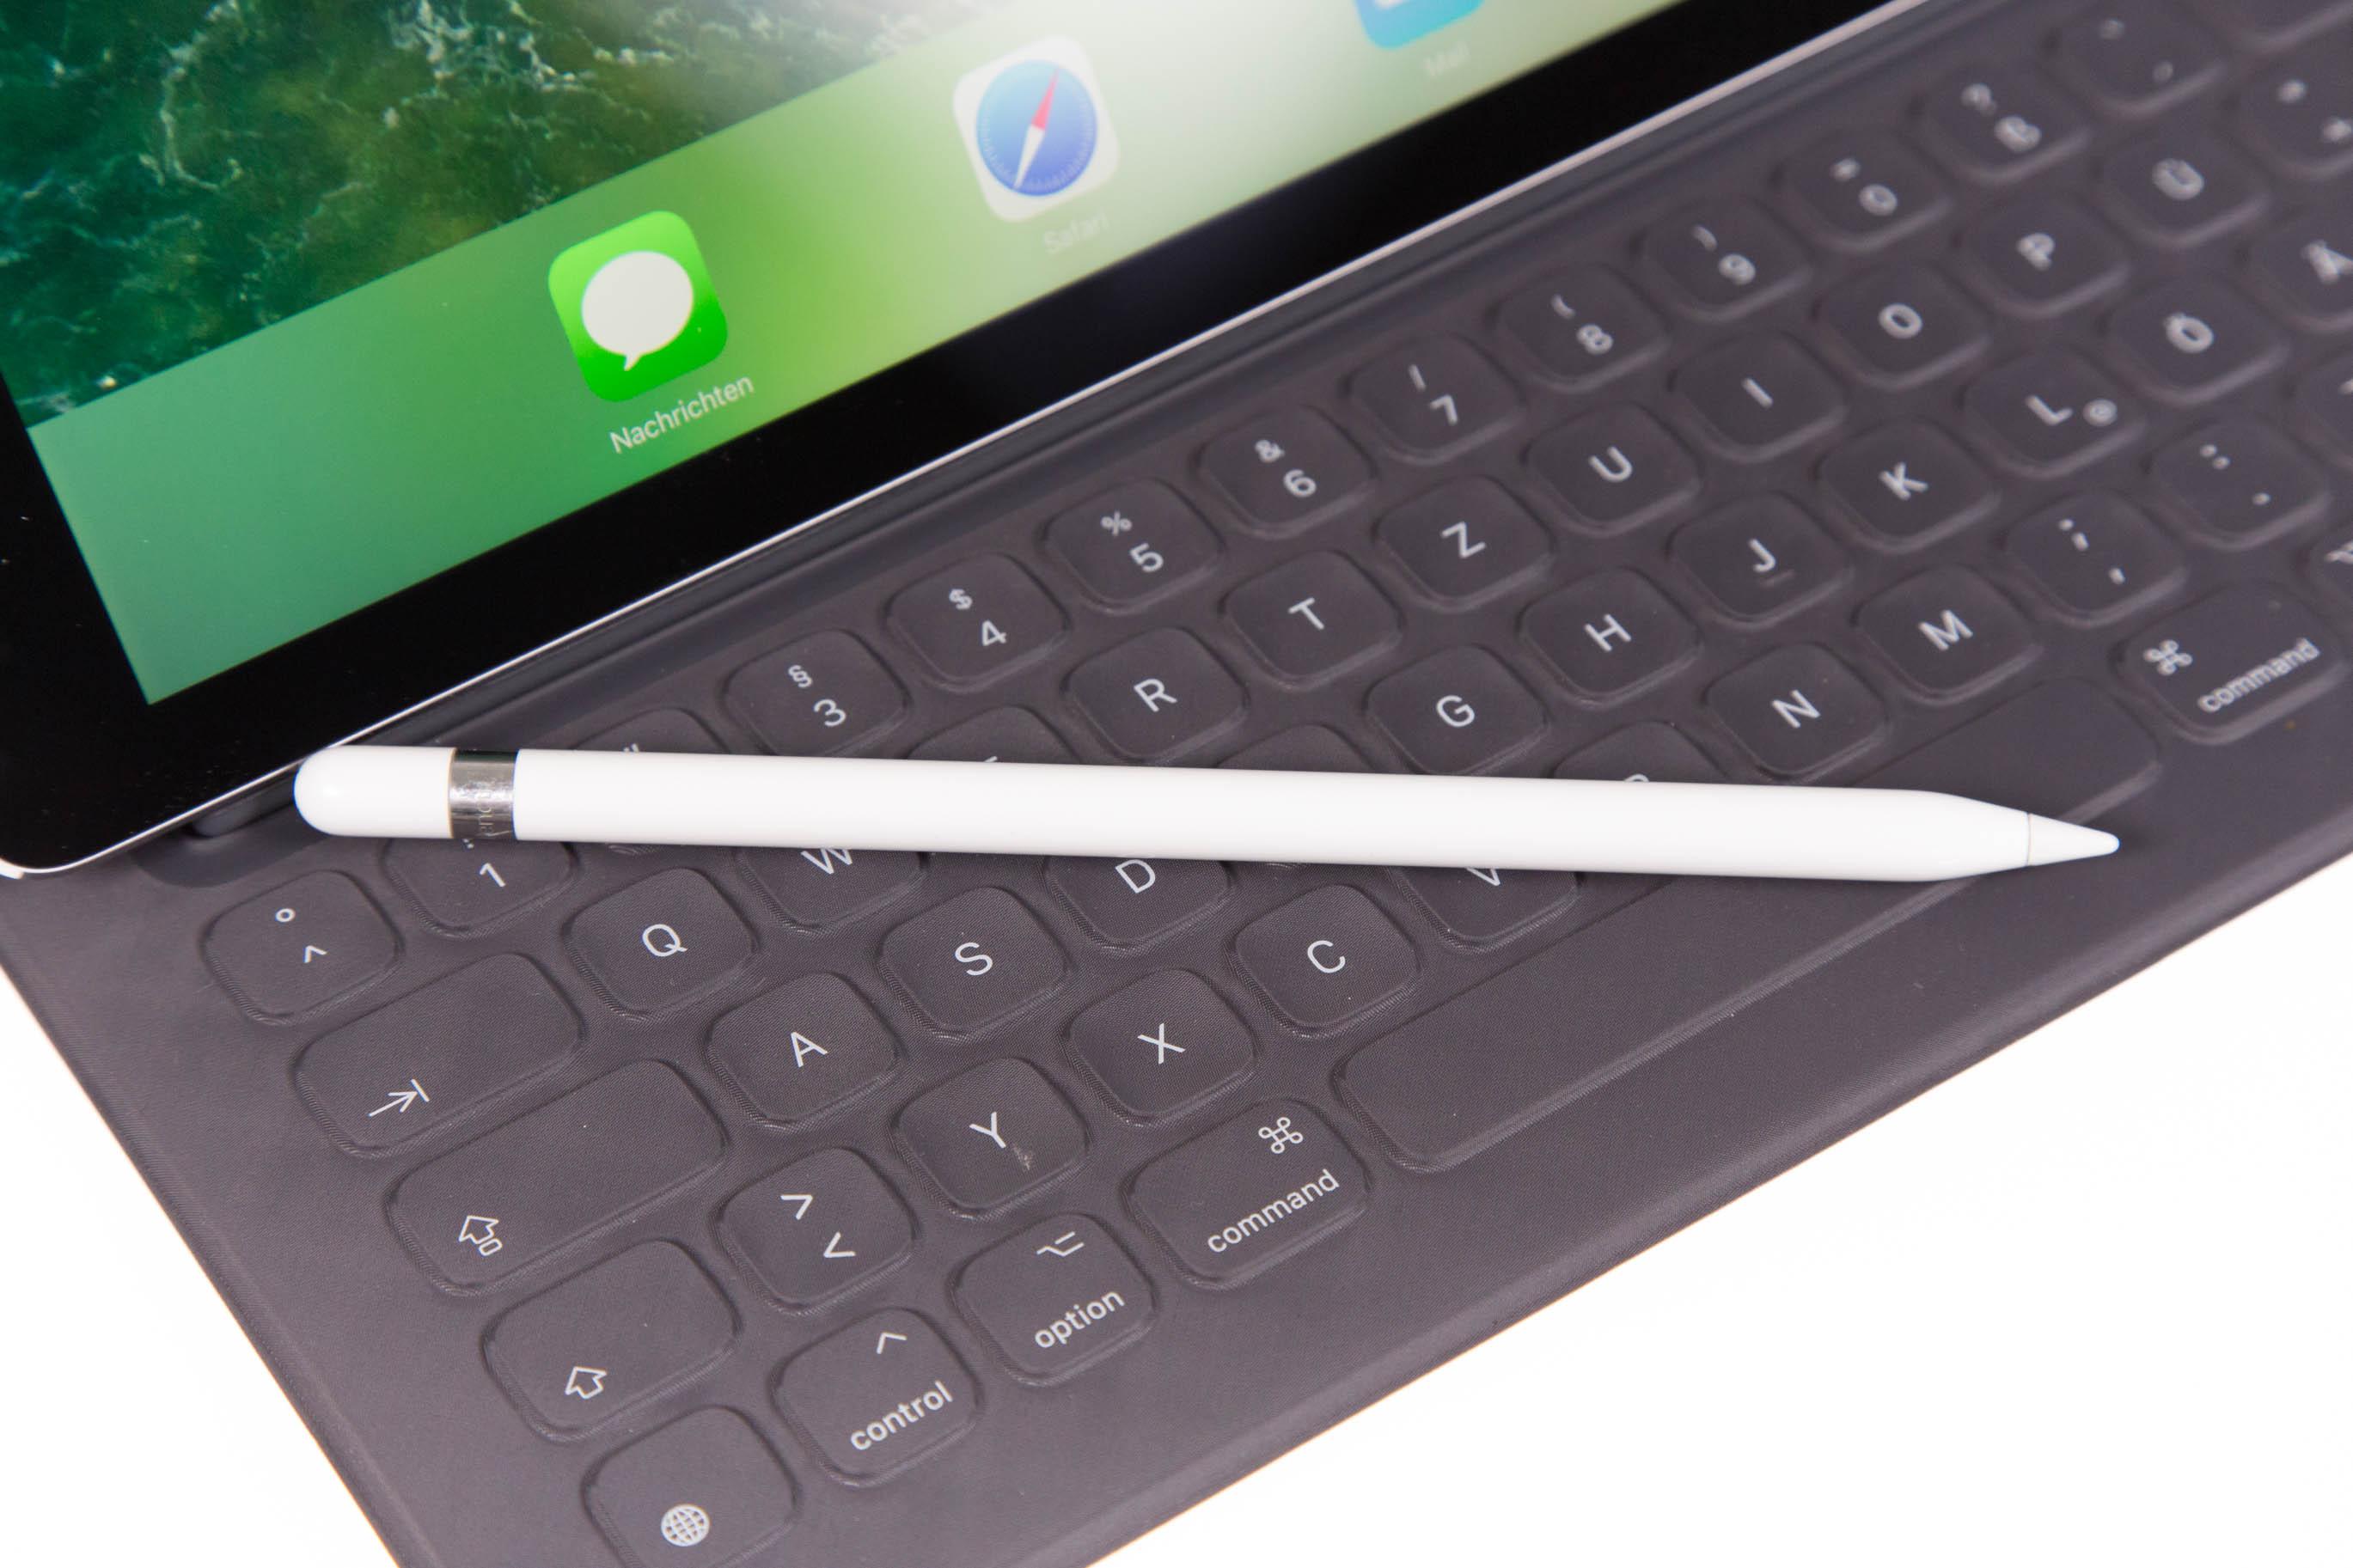 Neues iPad Pro im Test: Von der Hardware her ein Laptop - Der Apple Pencil ist der der ersten iPad-Pro-Generation. (Bild: Martin Wolf/Golem.de)